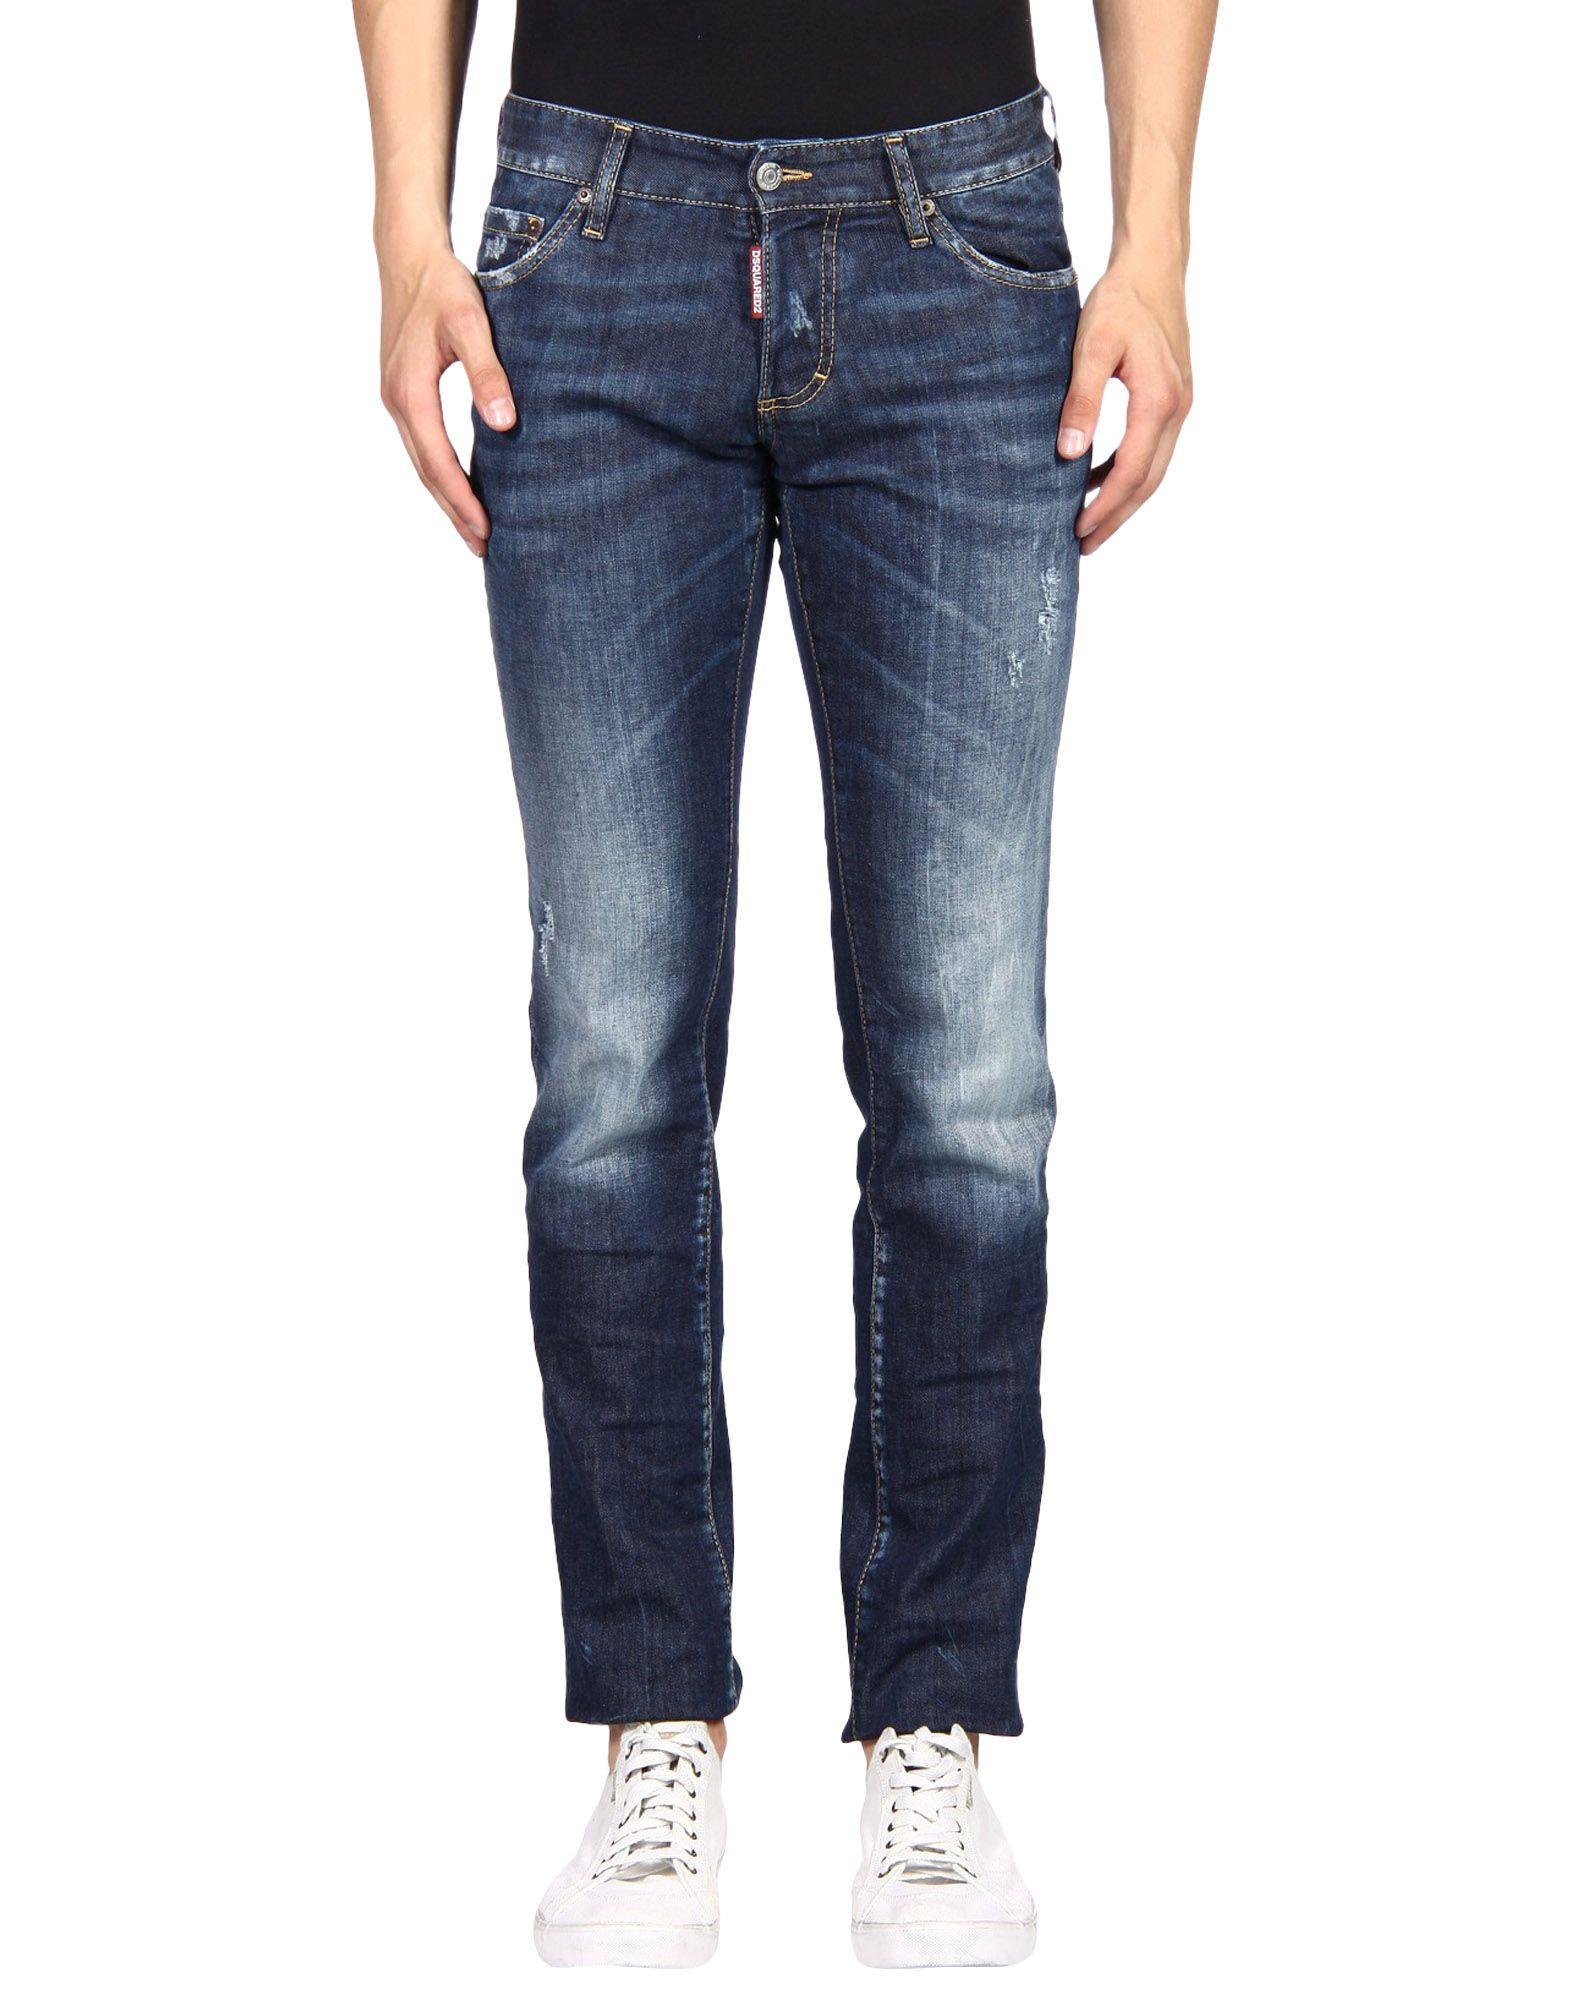 dsquared jeans herren outlet shopping dsquared2 uk. Black Bedroom Furniture Sets. Home Design Ideas